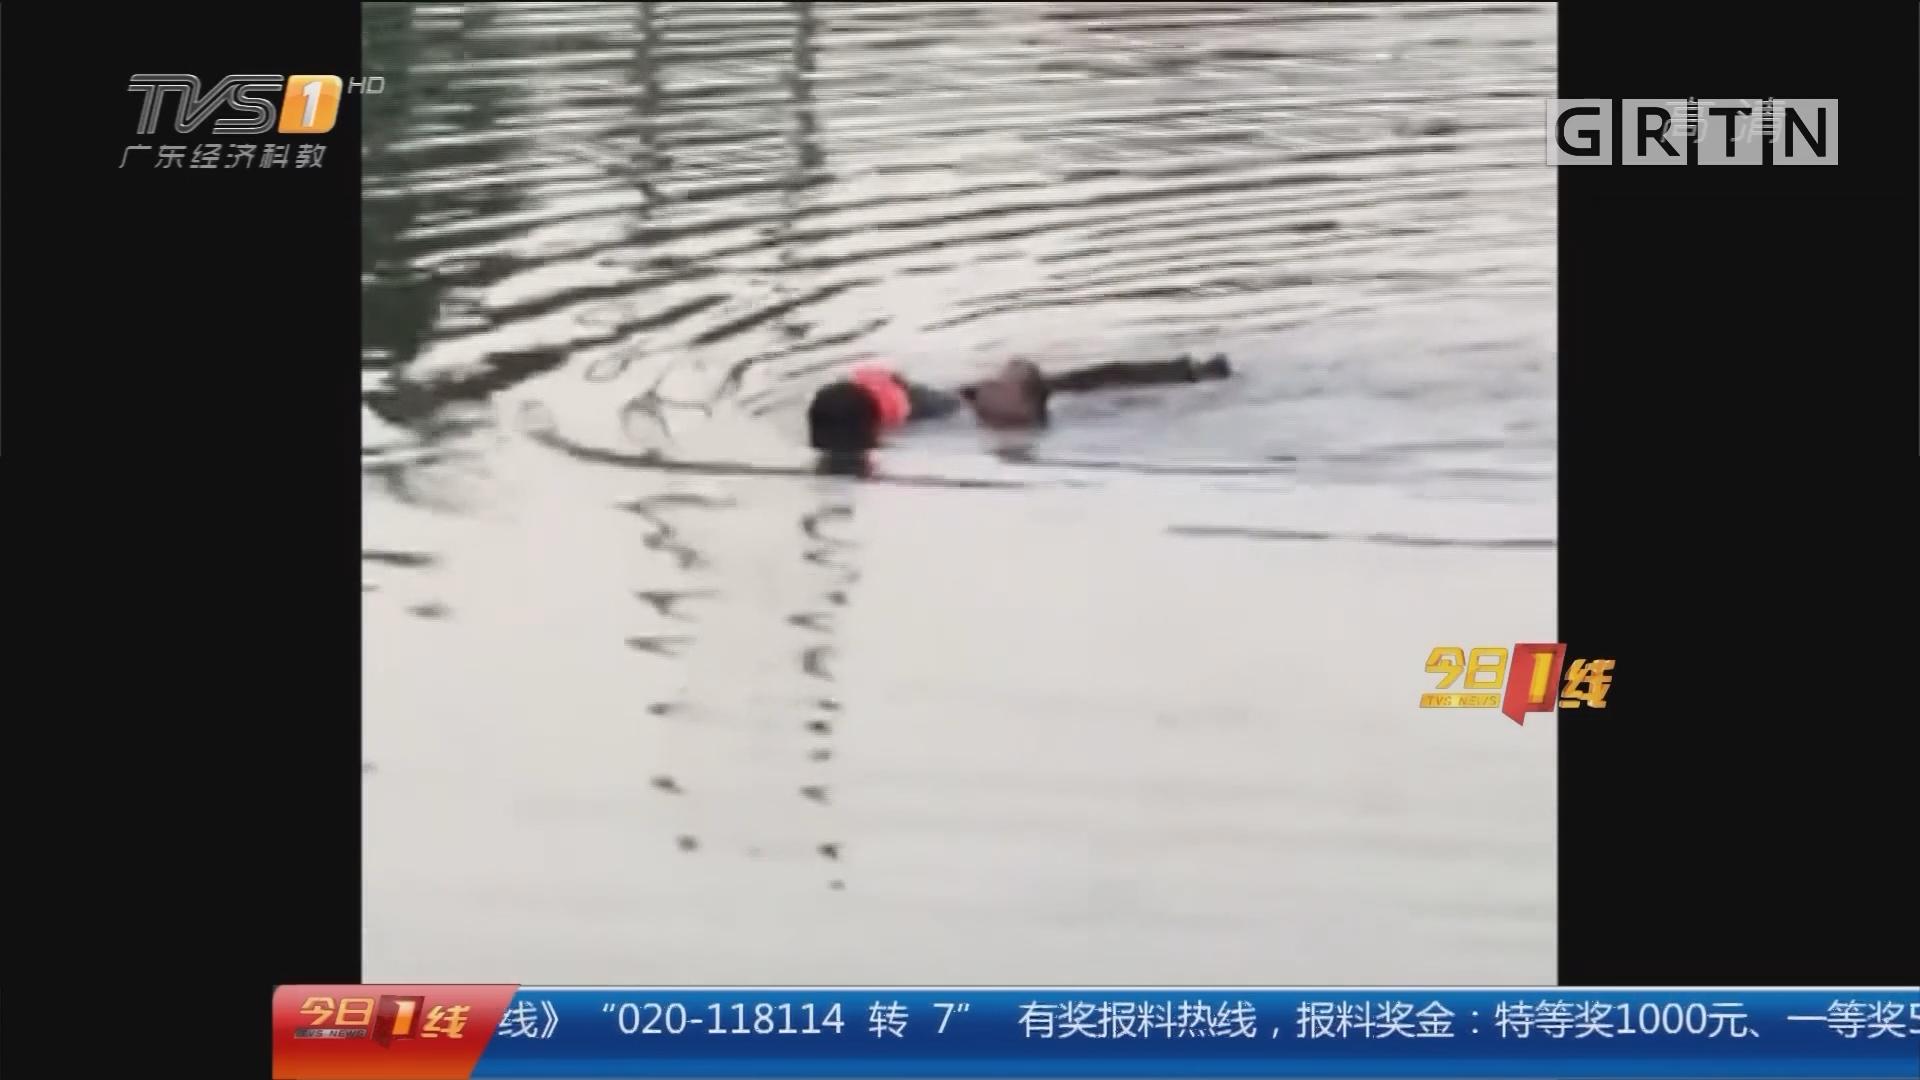 汕尾海丰 警方公布独家视频:竟是自绑手脚!